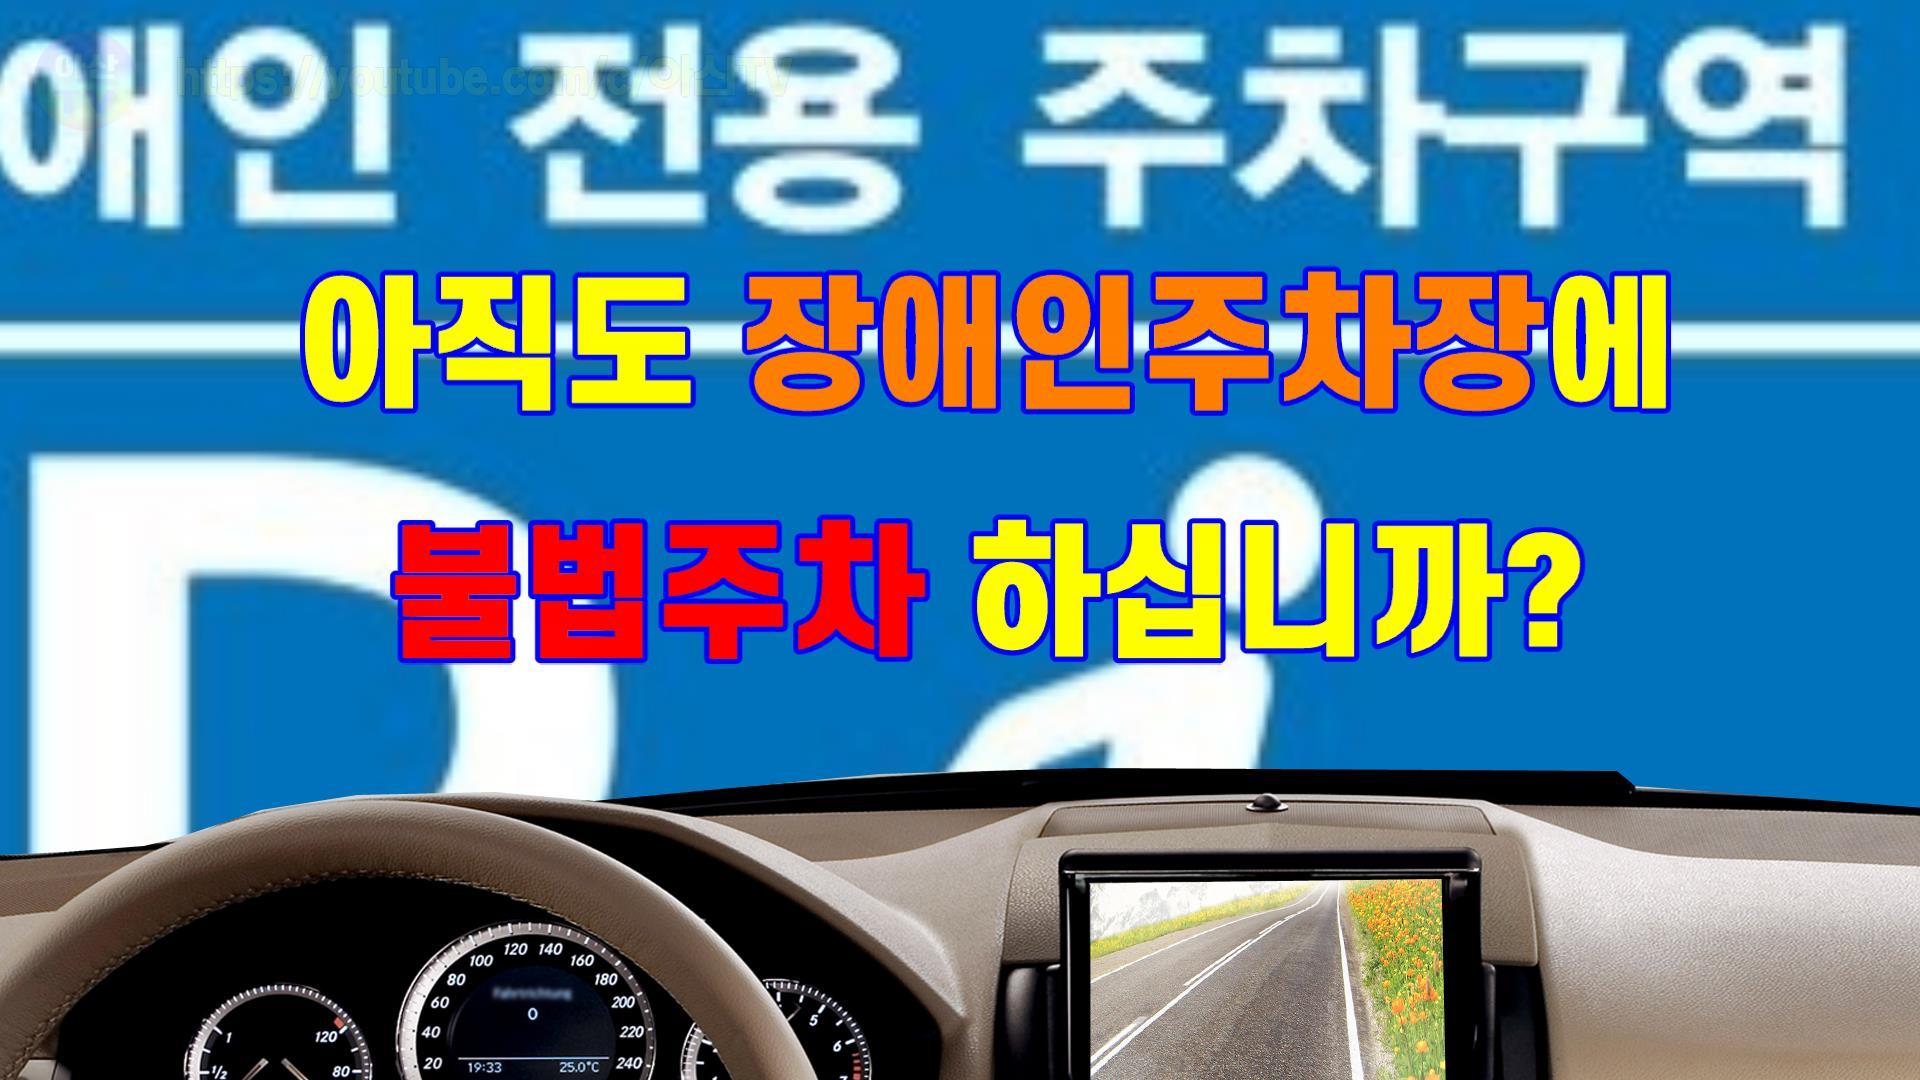 아직도 장애인전용주차구역에 불법주차 하십니까?